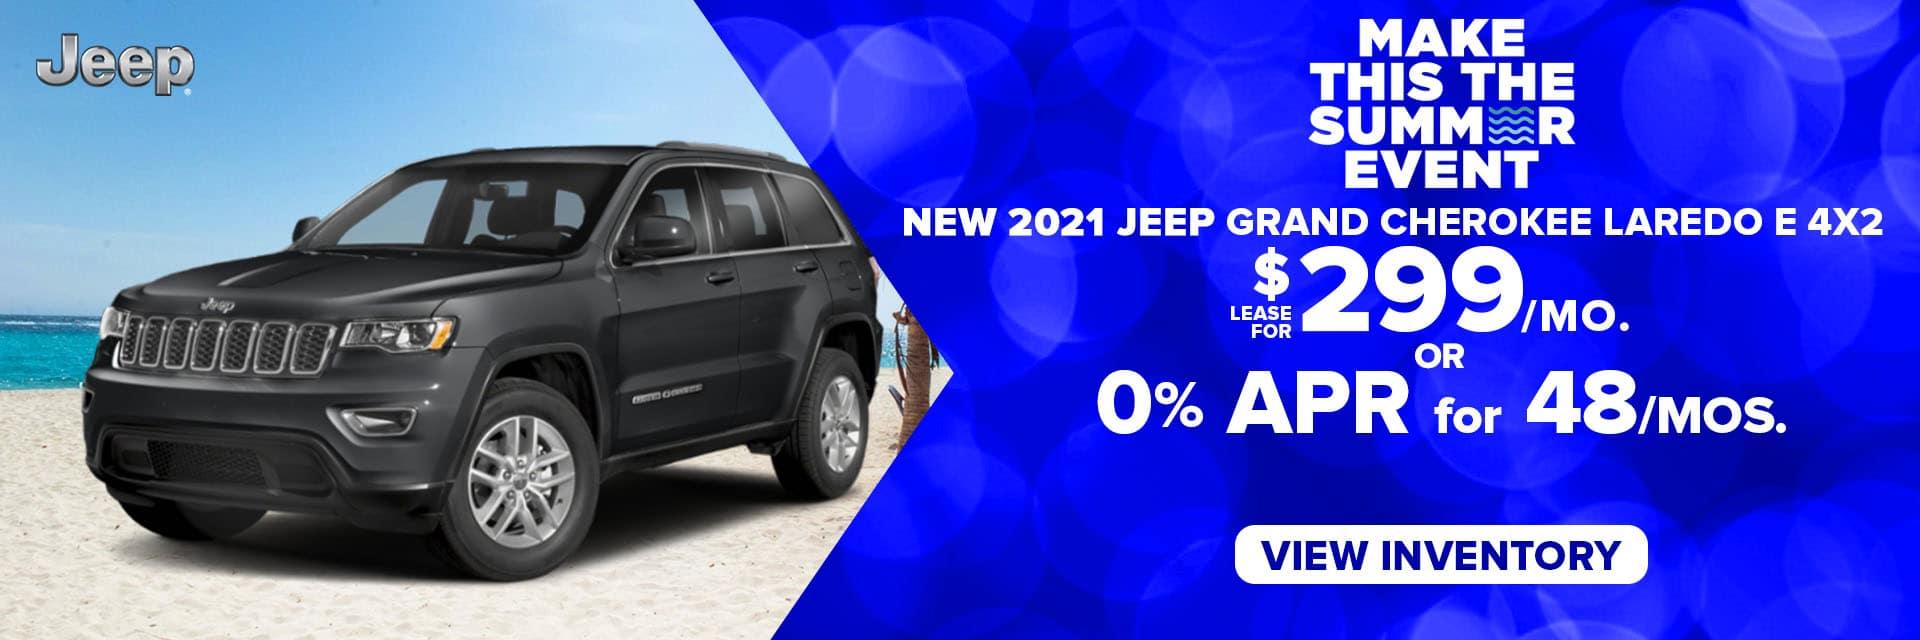 SLCJ-July 2021-2021 Jeep Grand Cherokee copy